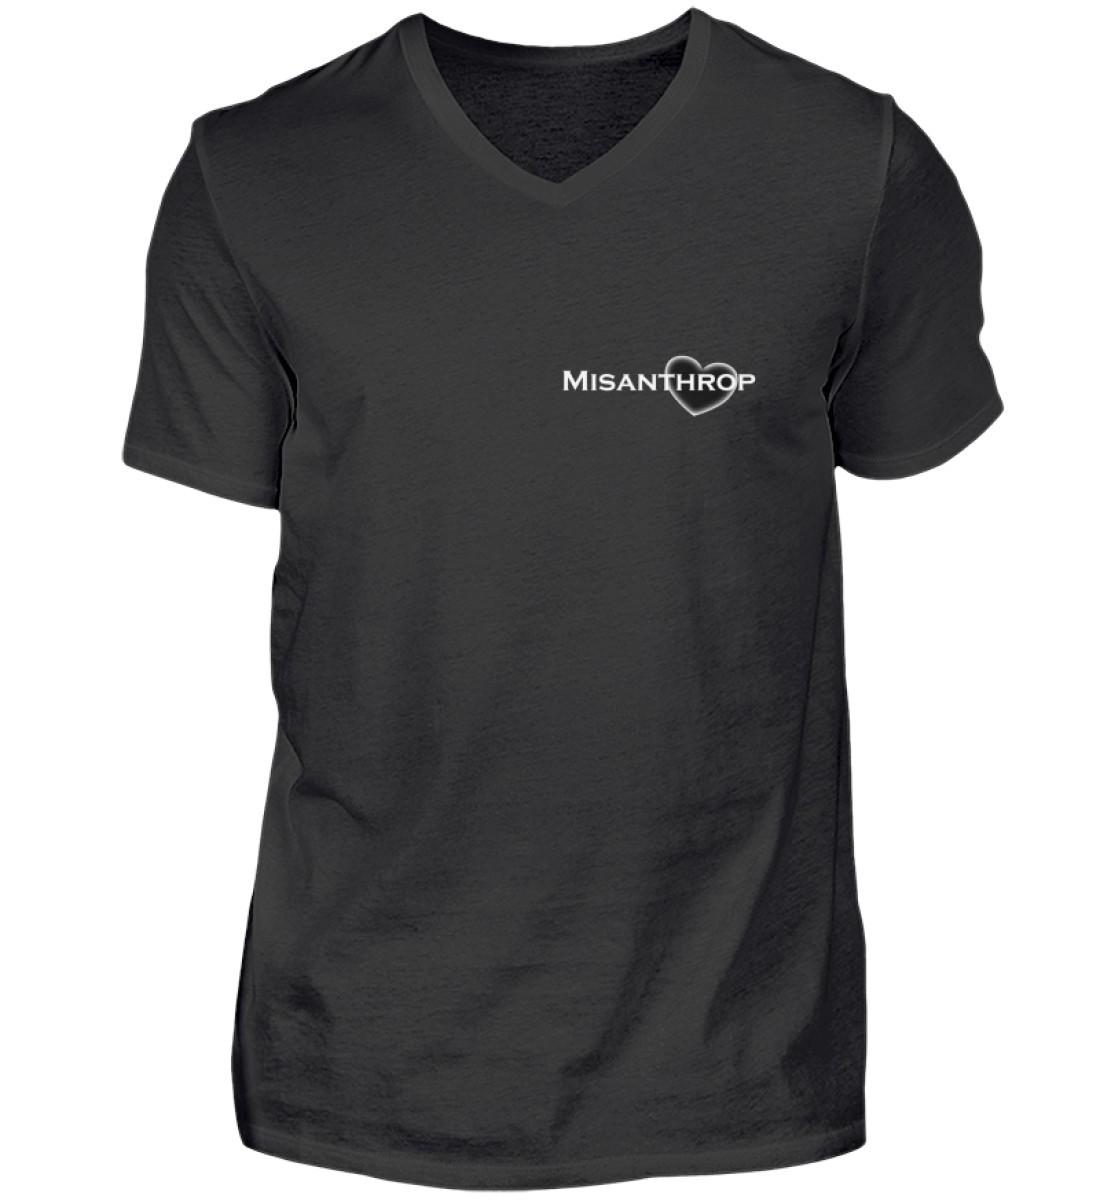 Shirt Misanthrop Statement Menschenhasser